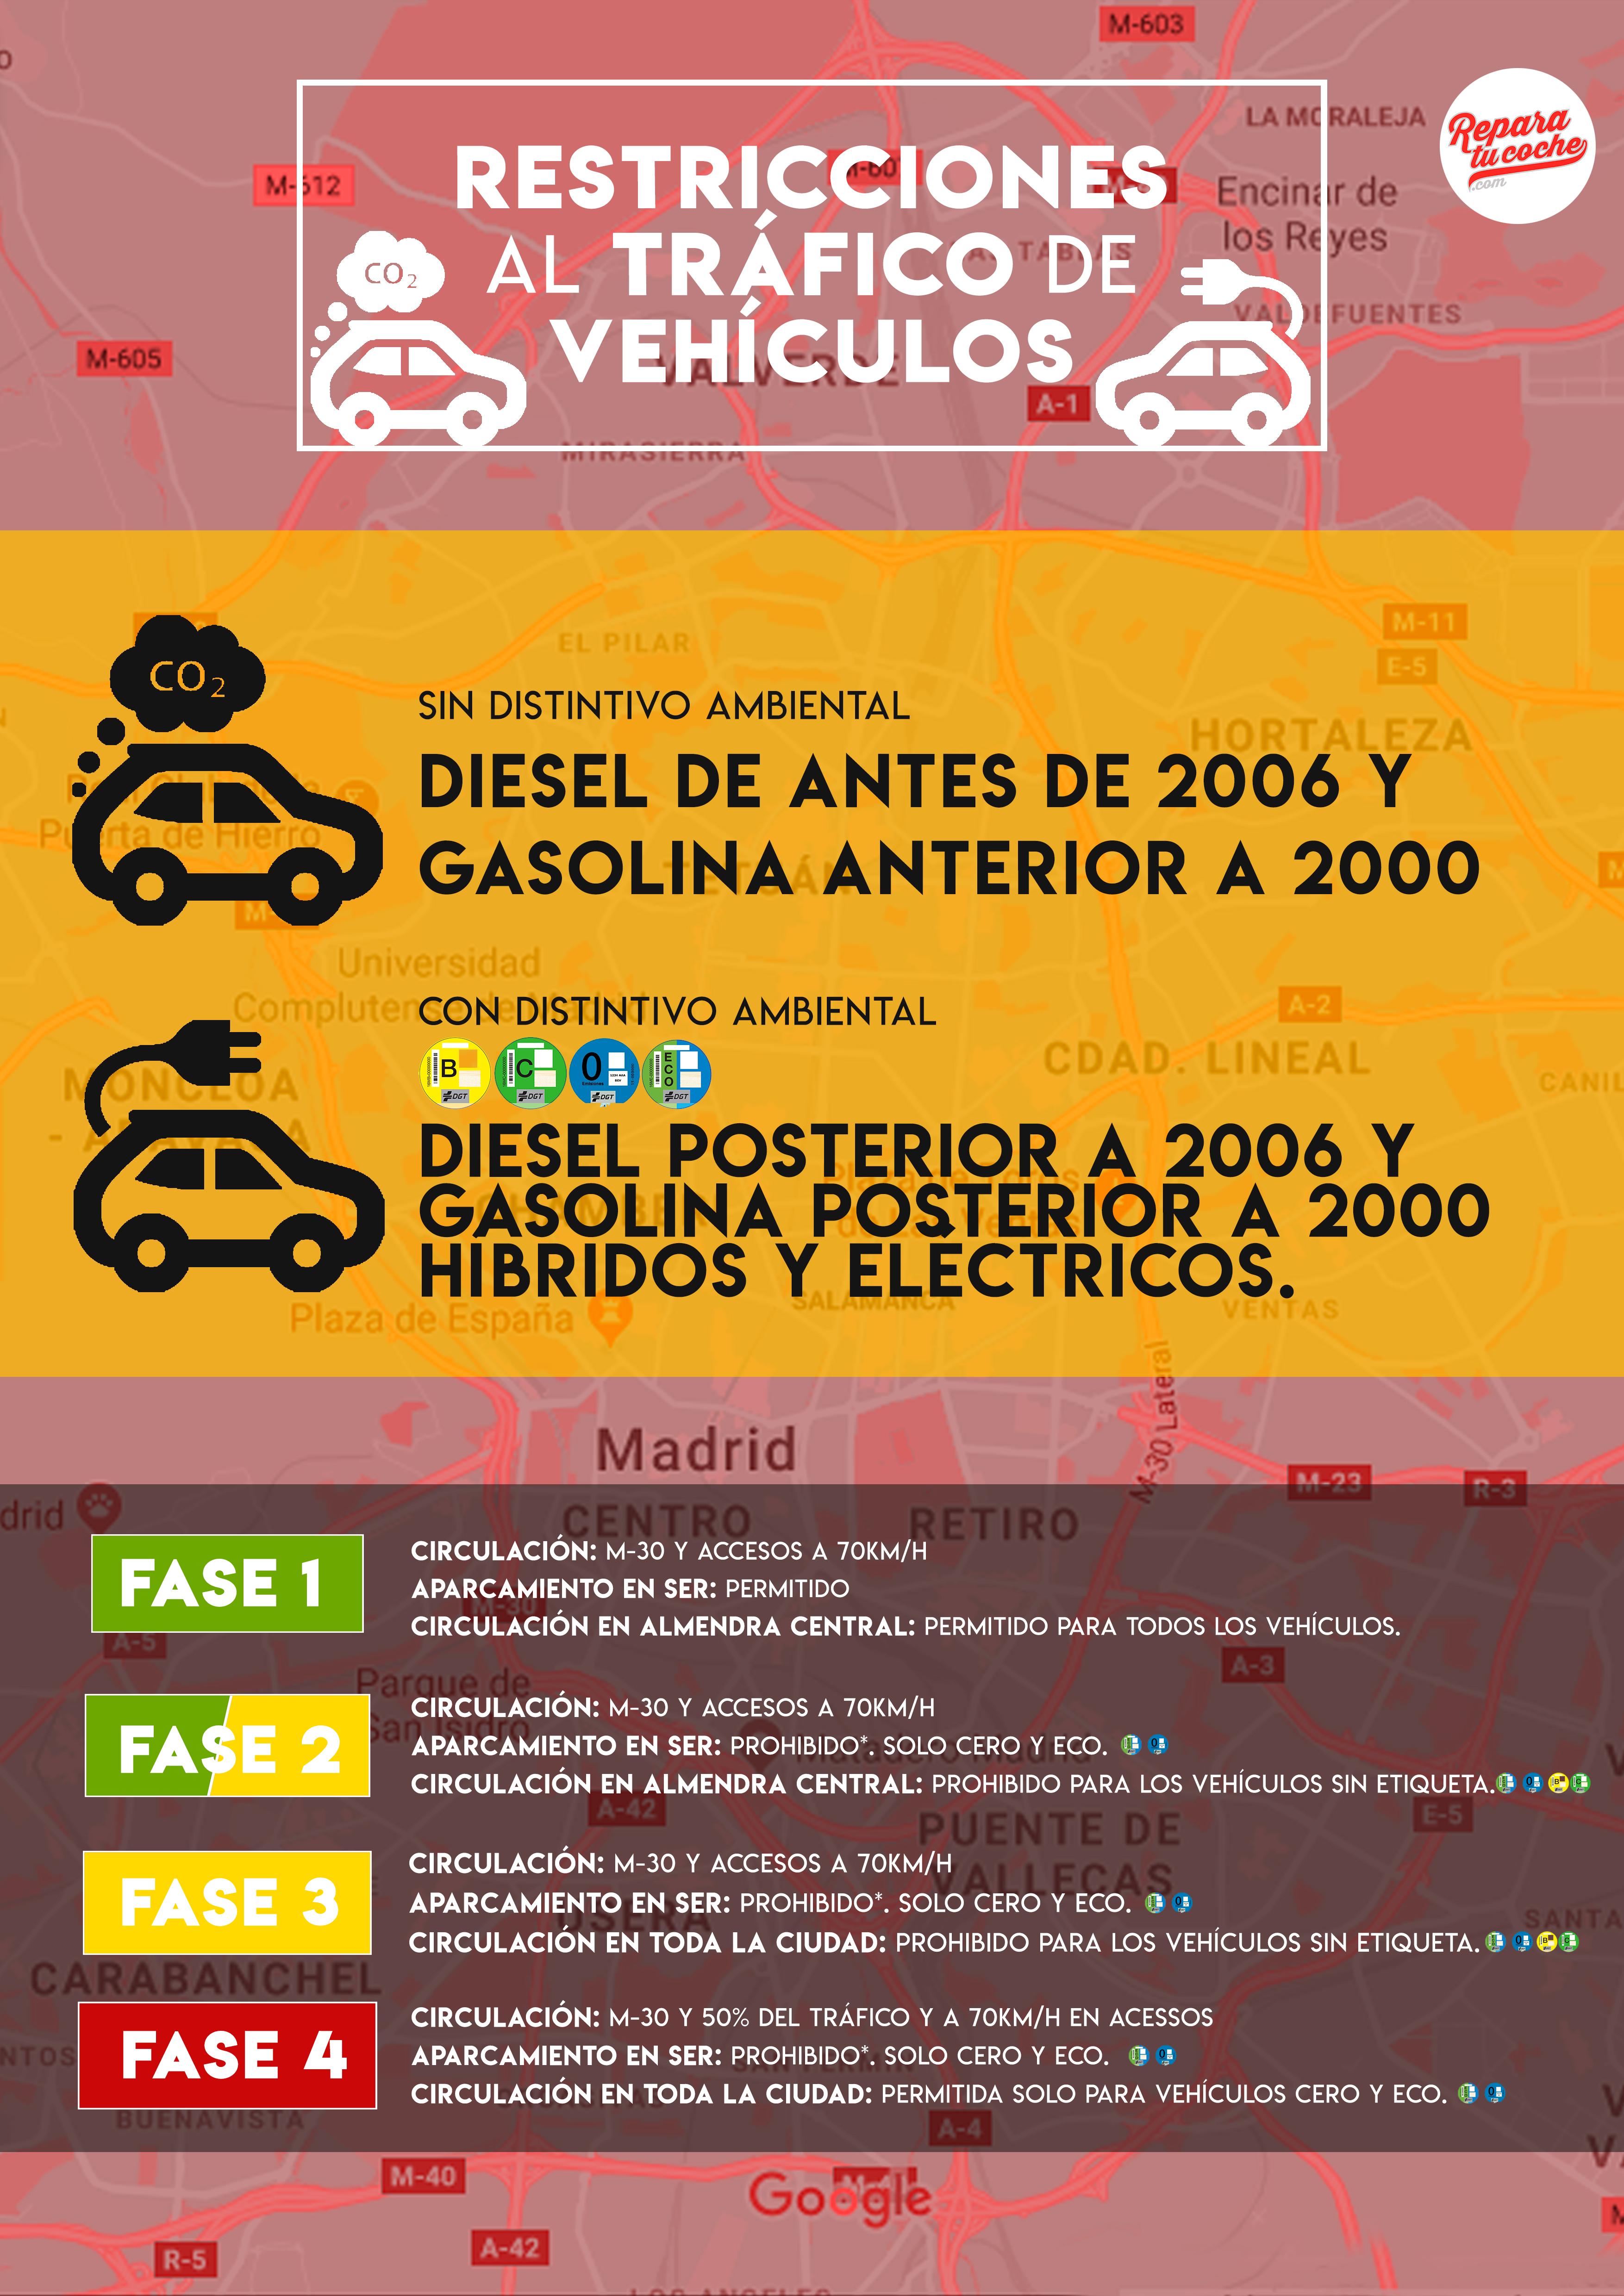 Reparatucoche.com convierte los vehículos a 'ECO' permitiendo circular en ciudades con alta polución